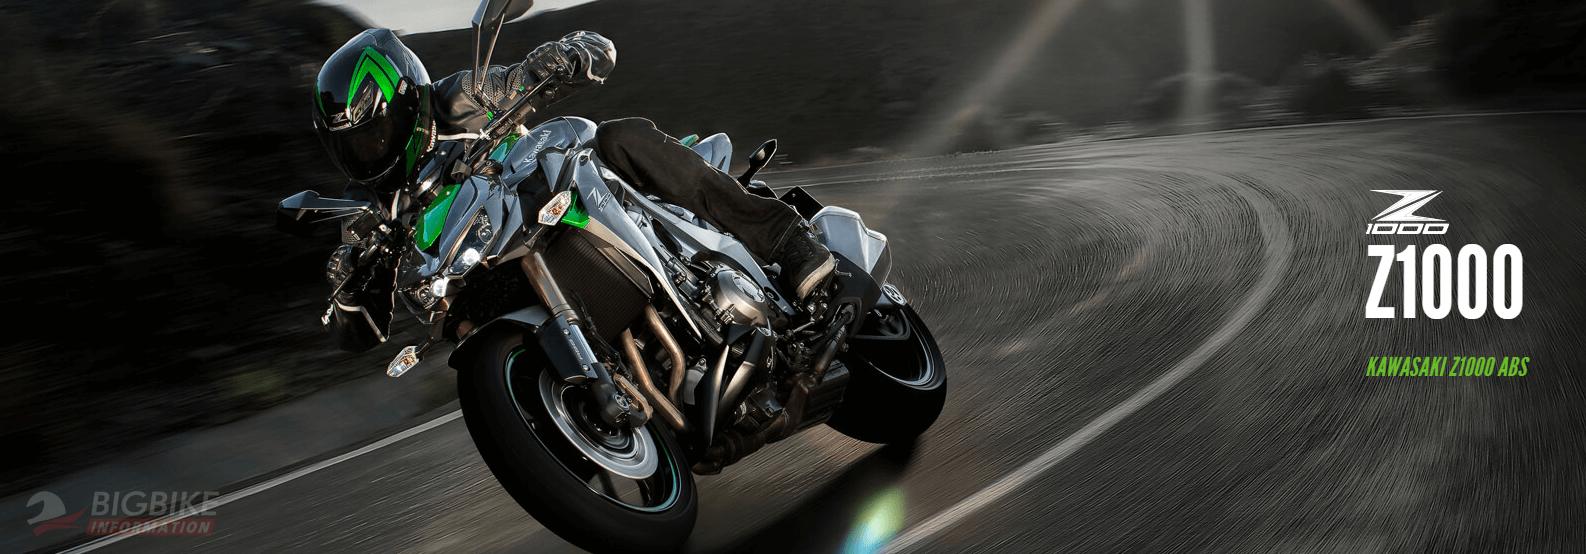 โฉมใหม่ Kawasaki Z1000 ABS